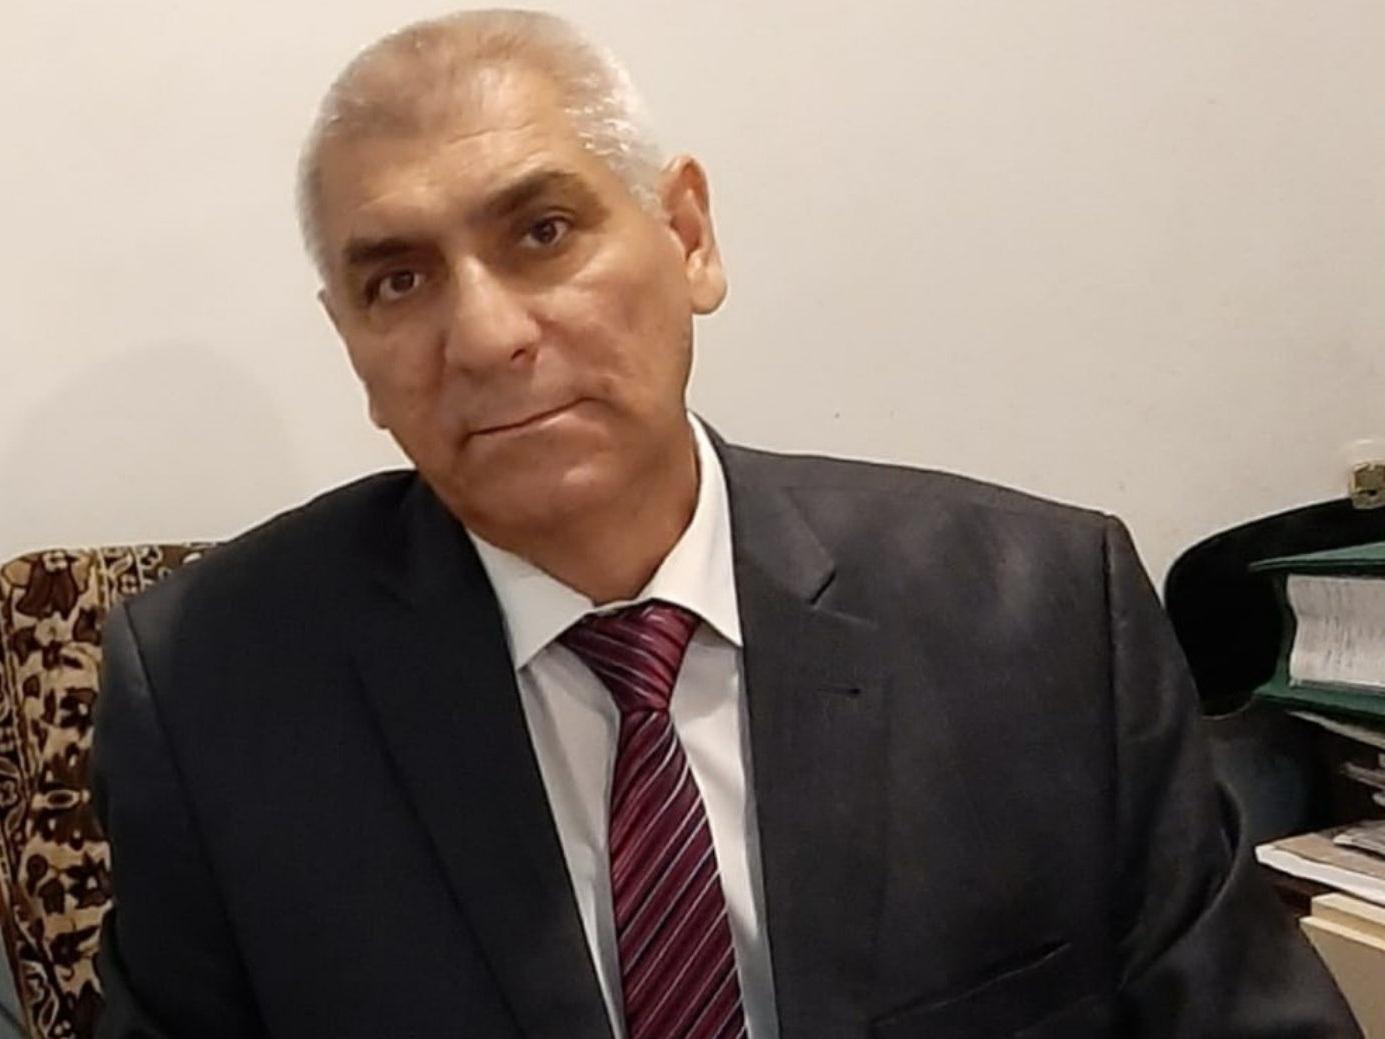 ПРИЗЫВ О ПОМОЩИ. «У нас огромные долги, нечем платить за лечение…» Поможем Ниязи Шейдаеву победить рак